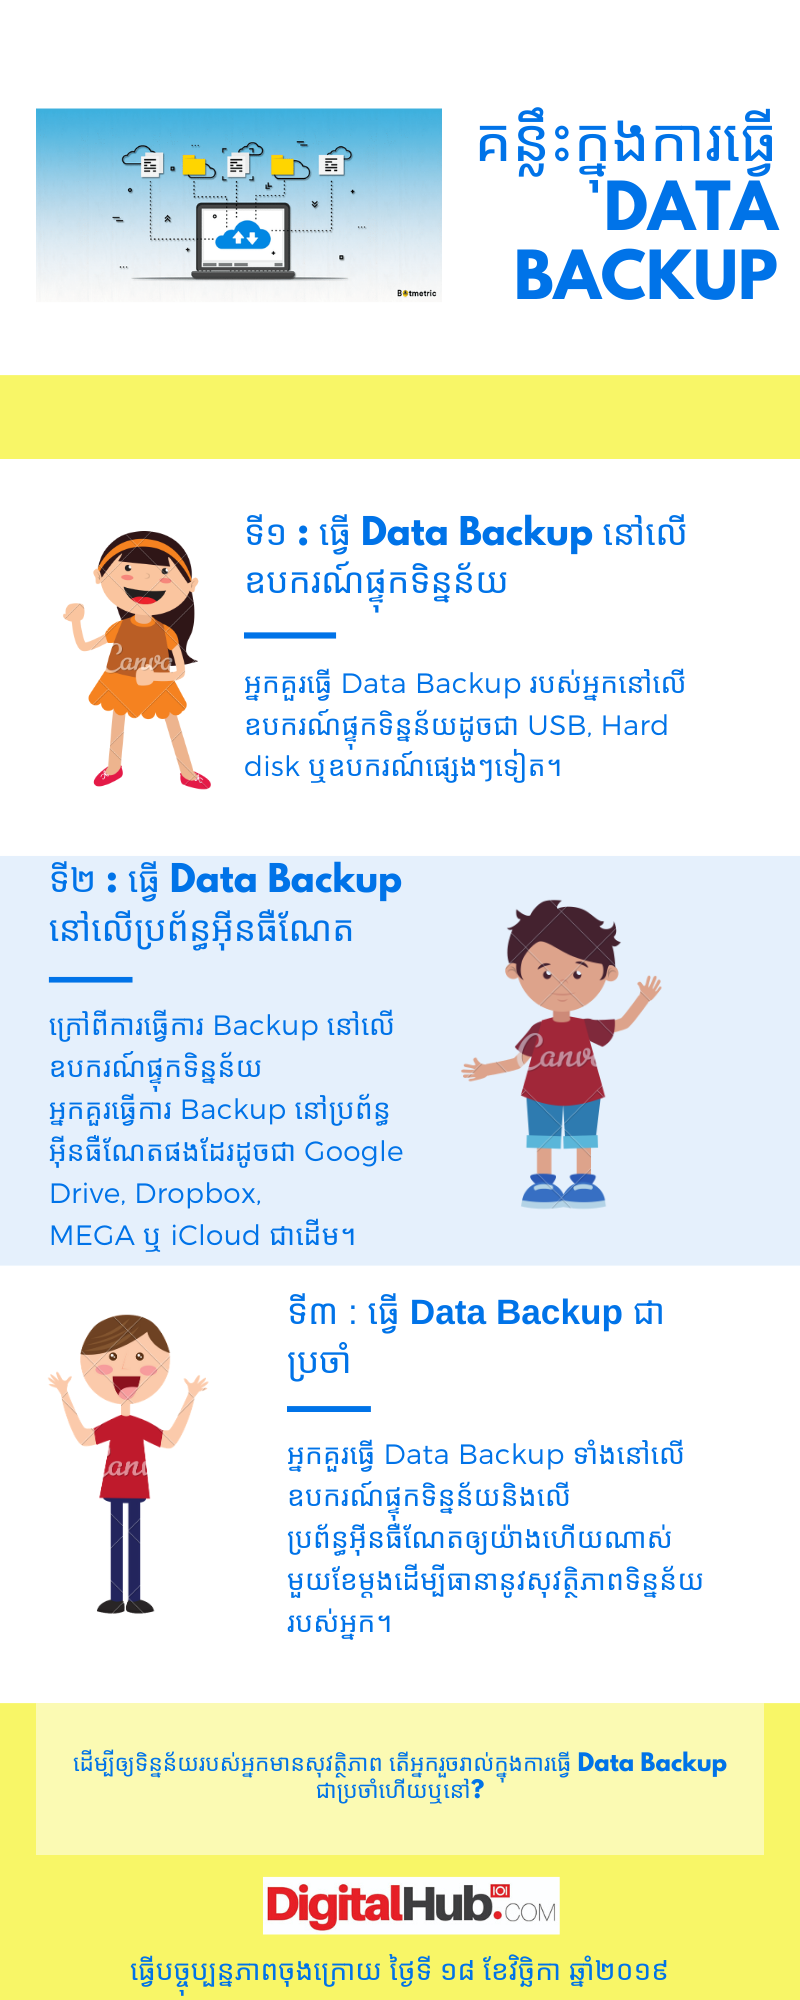 គន្លឹះក្នុងការធ្វើ Data Backup ទិន្នន័យ